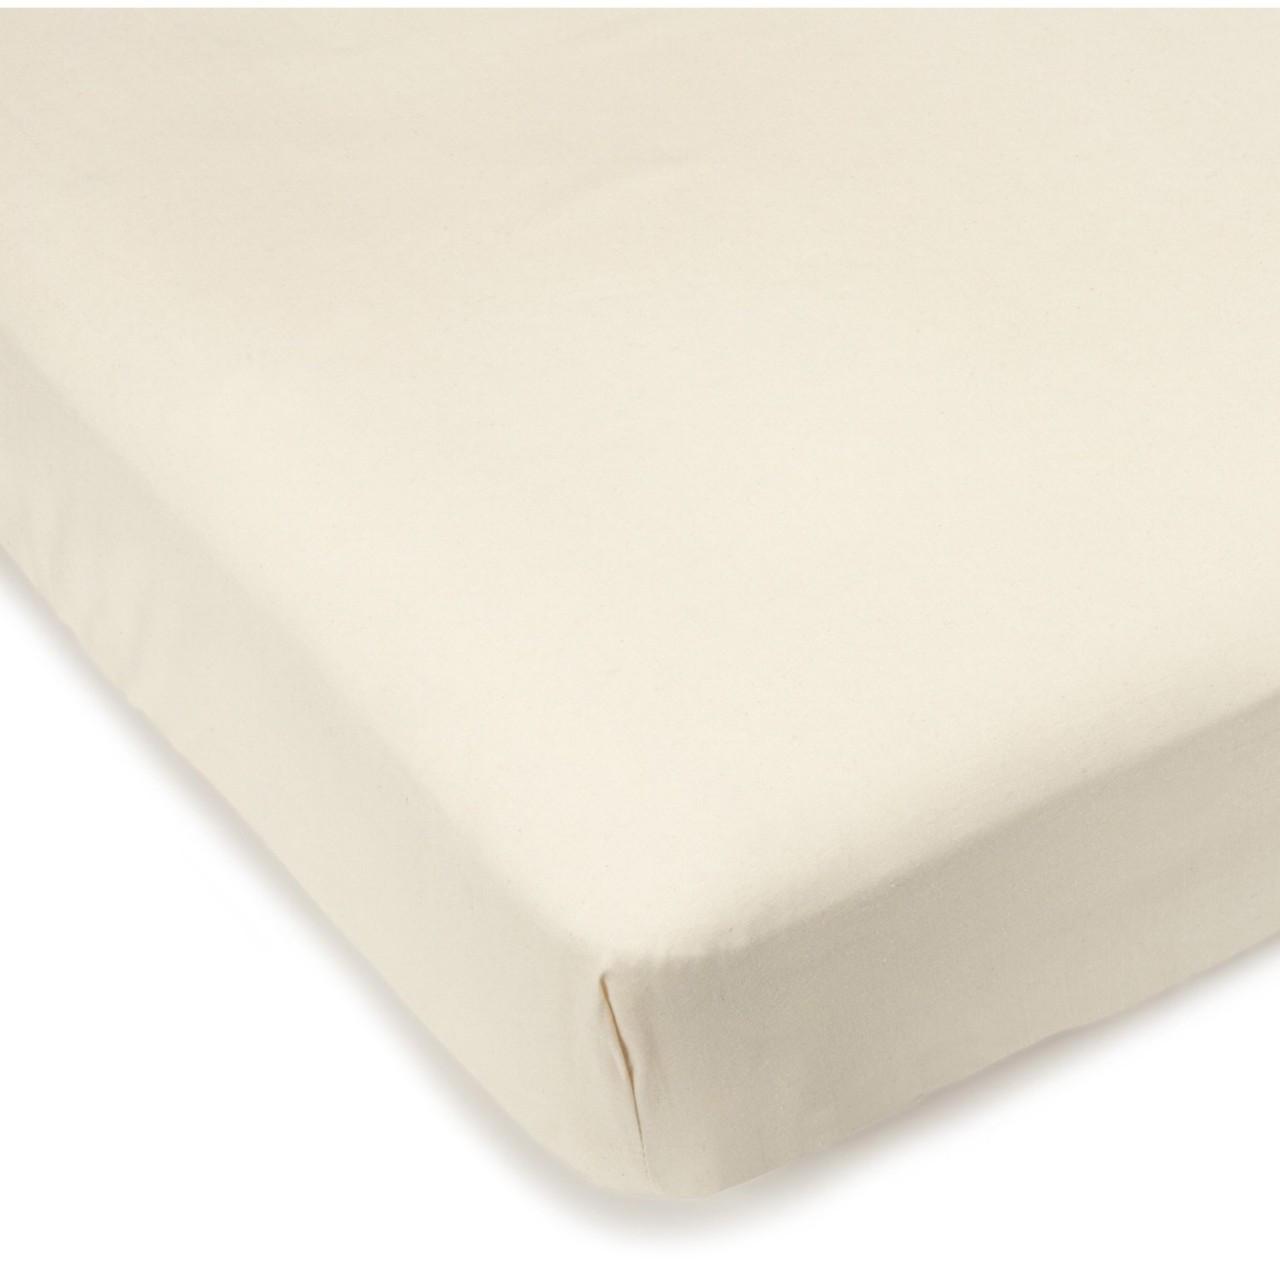 Sofa Mattress Encasement Hypoallergenic Encasement Waterproof